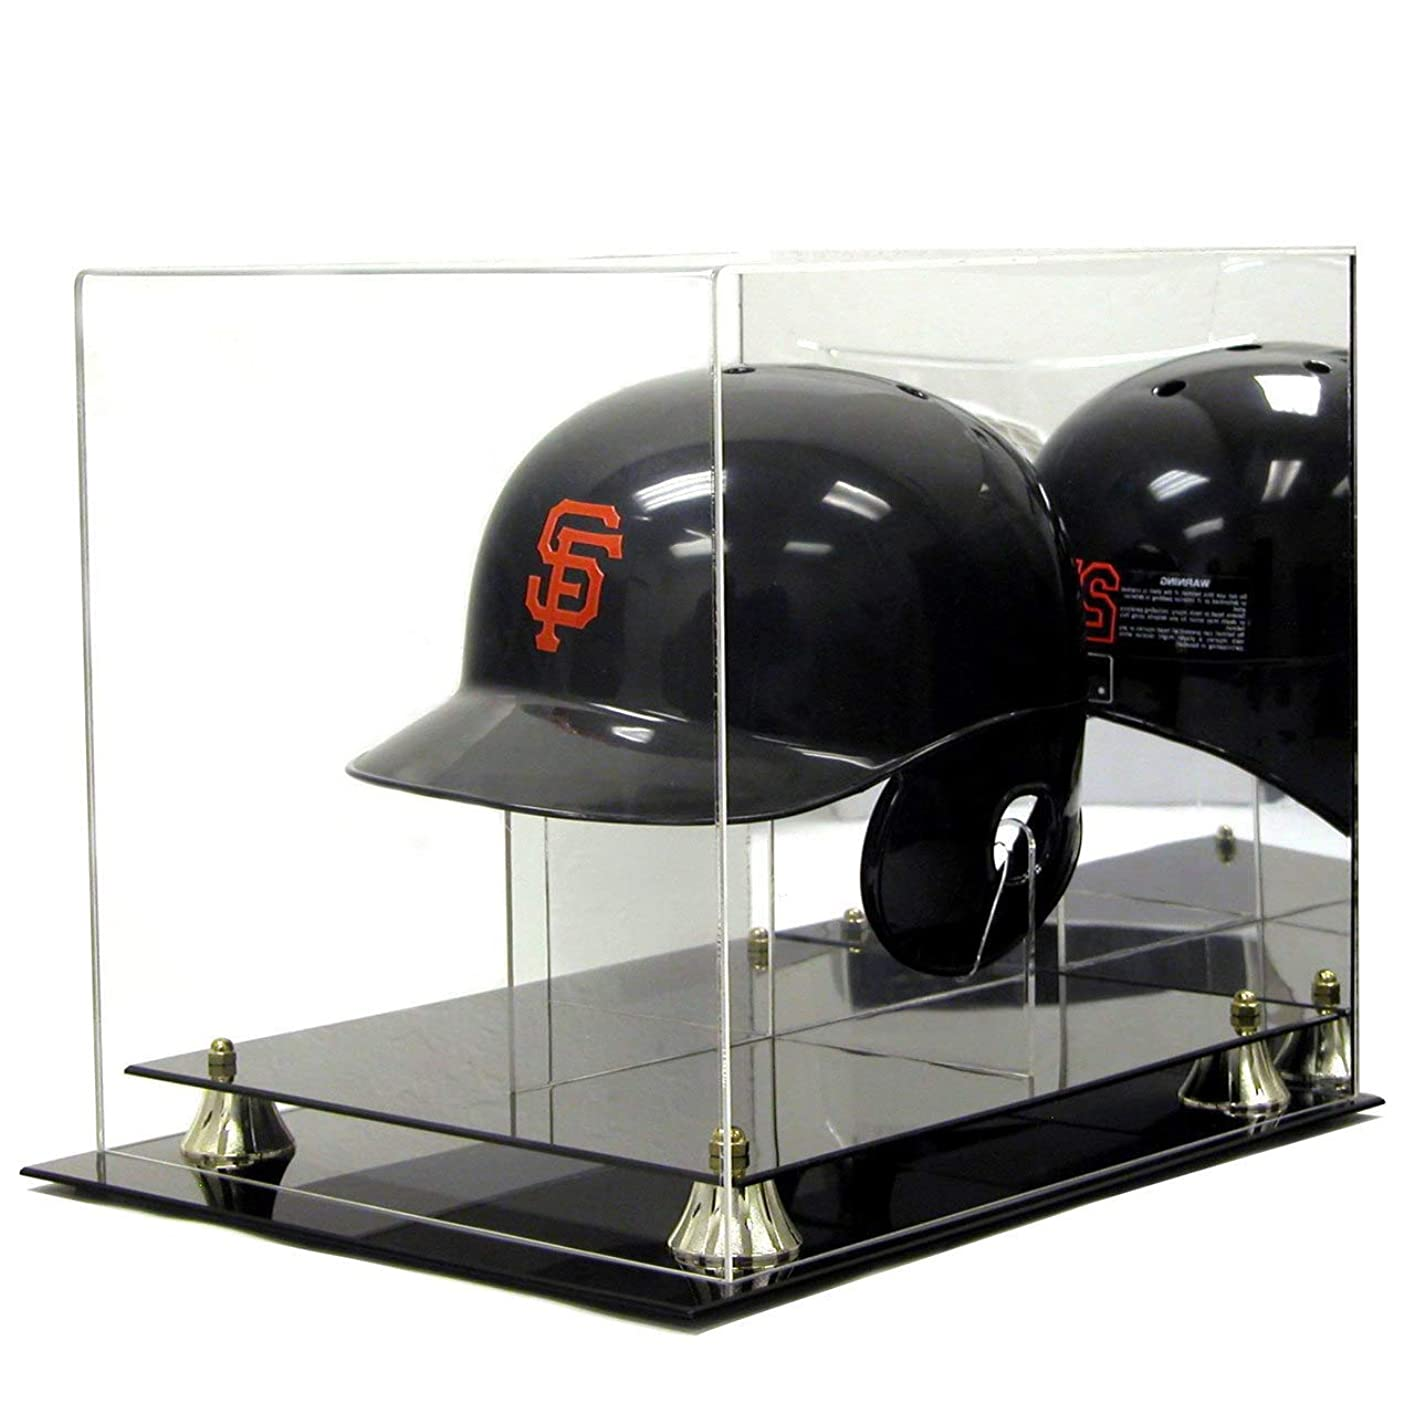 致命的なハブブ大佐バッティング ヘルメット 展示?ディスプレイケース UVプロテクト